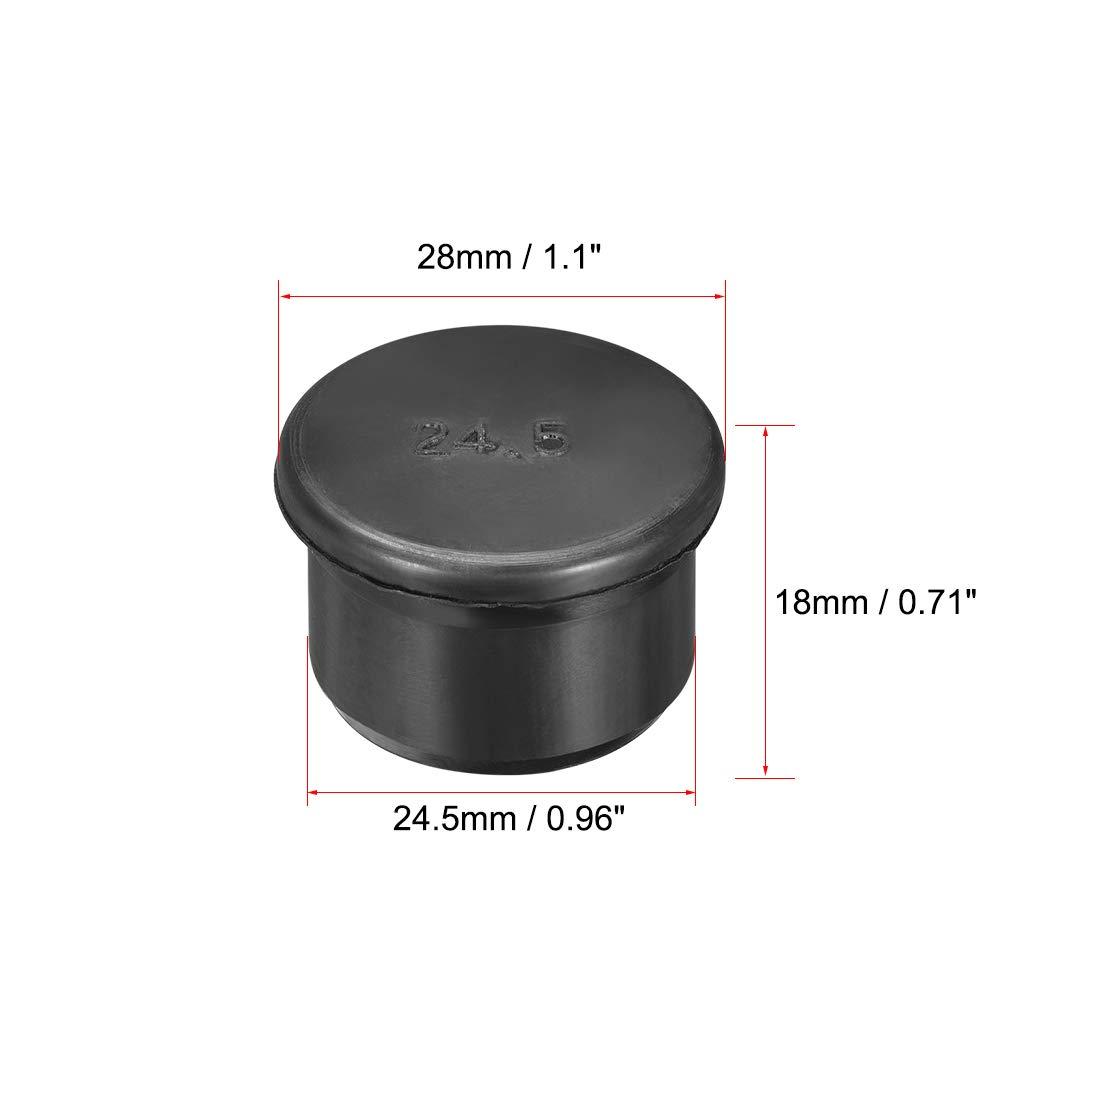 sourcing map Tap/ón de goma Tap/ón de inserci/ón SPR-120 5 piezas diametro de agujero de sellado 12mm para prensaestopas